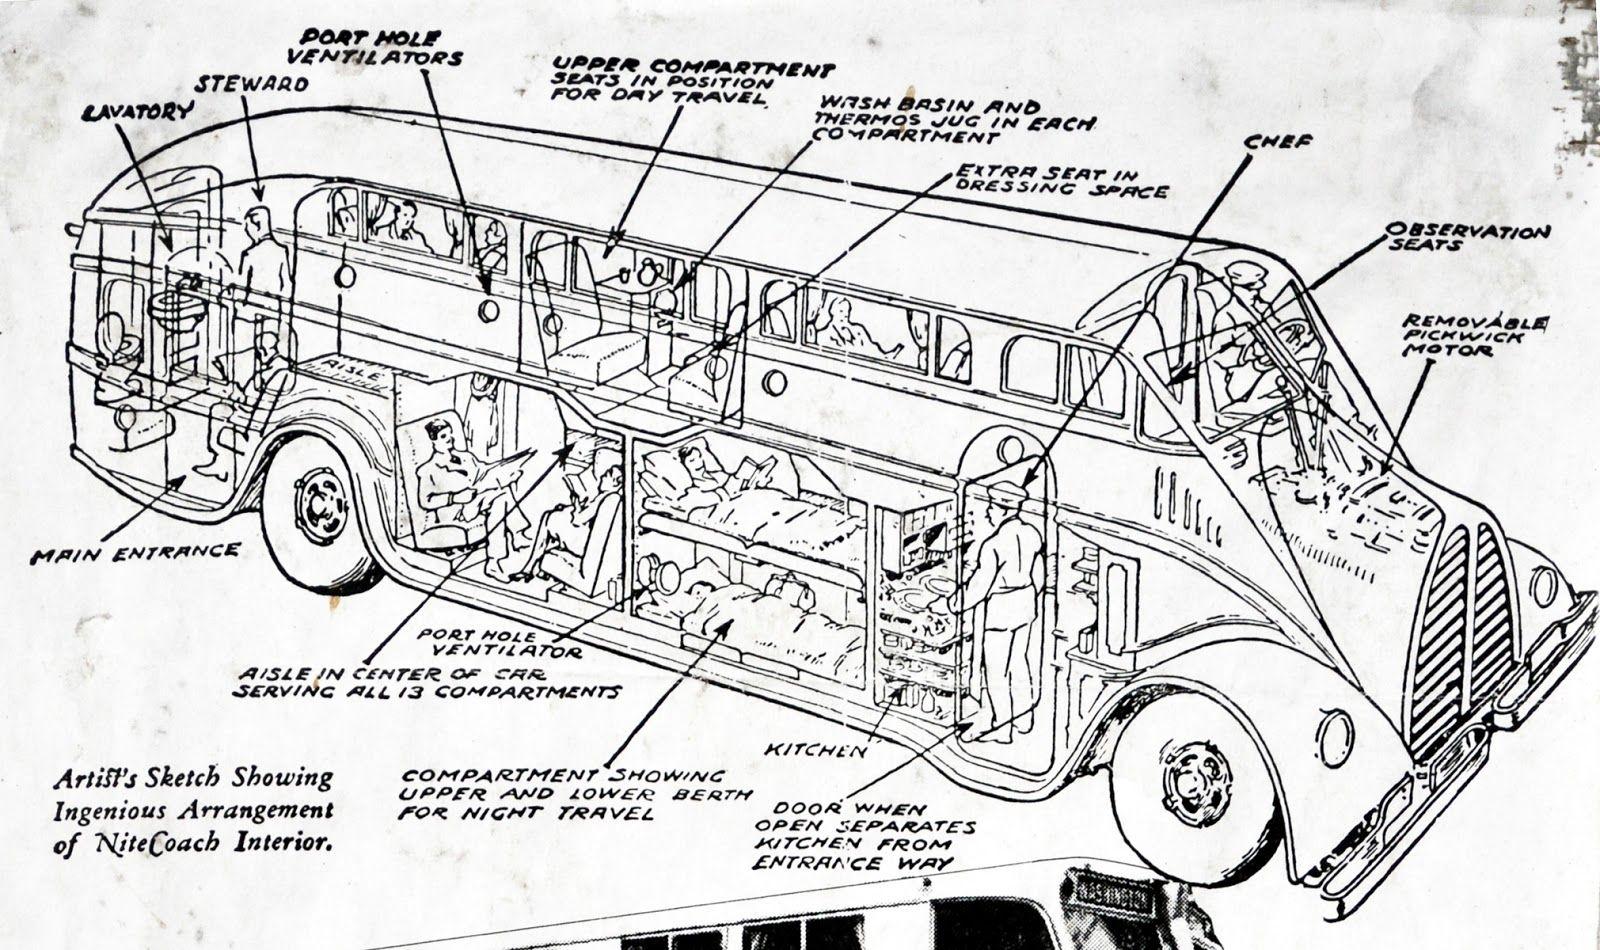 NiteCoach Greyhound bus | Dieselpunk | Pinterest | Vehicle, Bus ...